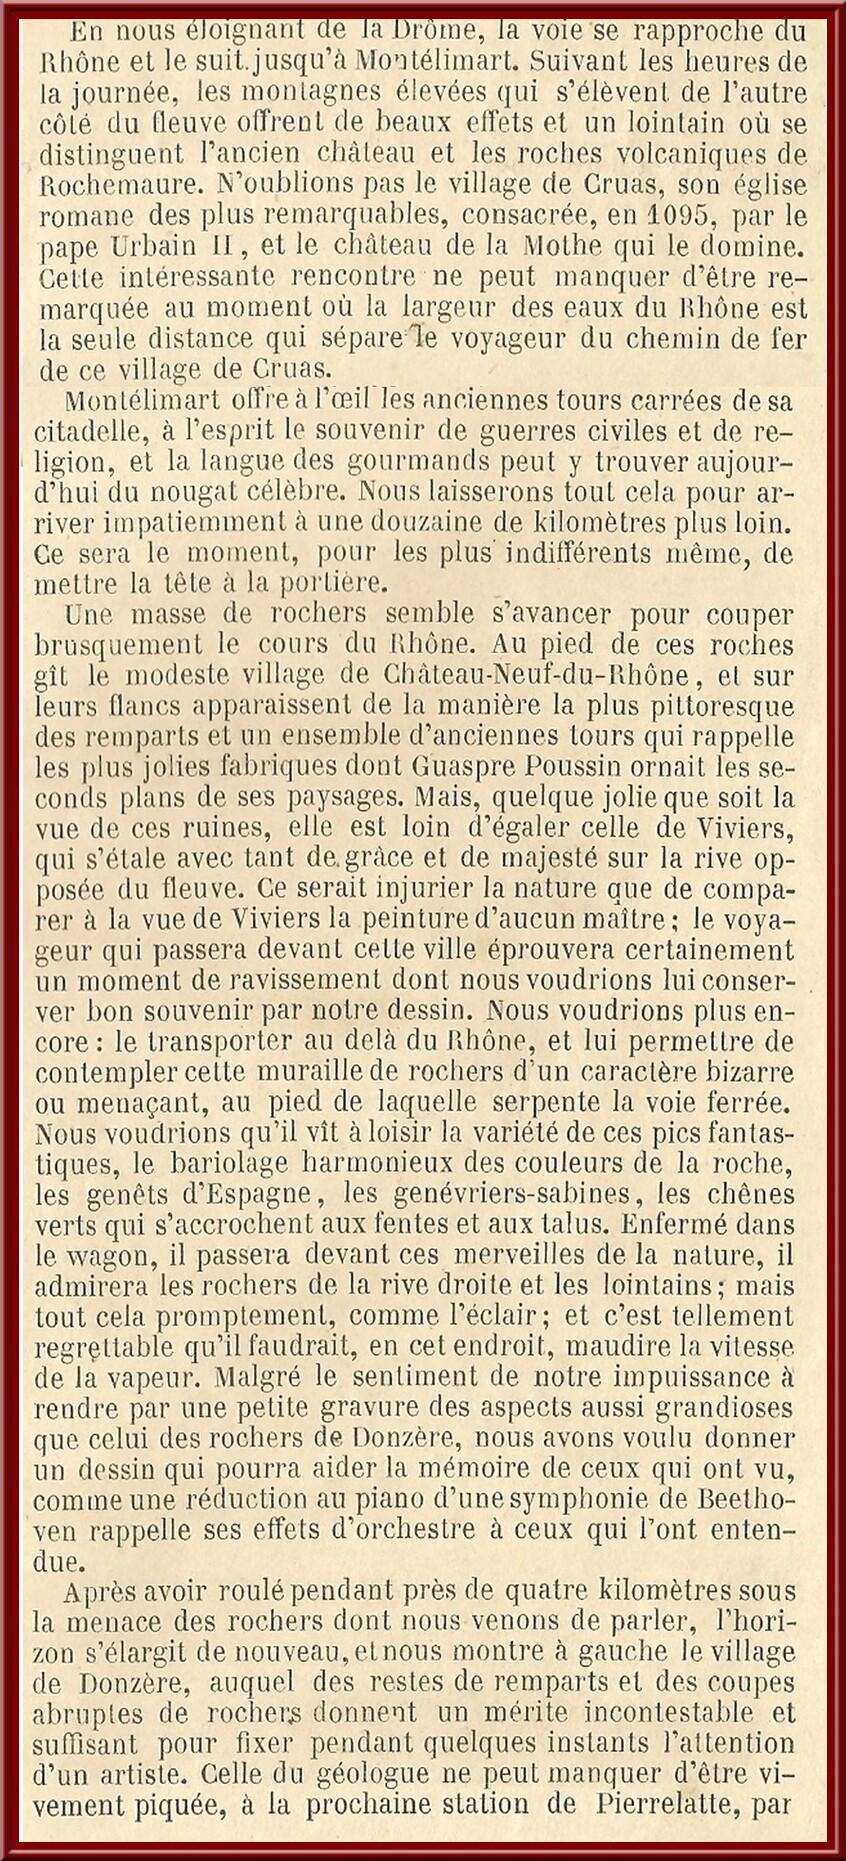 592 - 1er juillet 1854